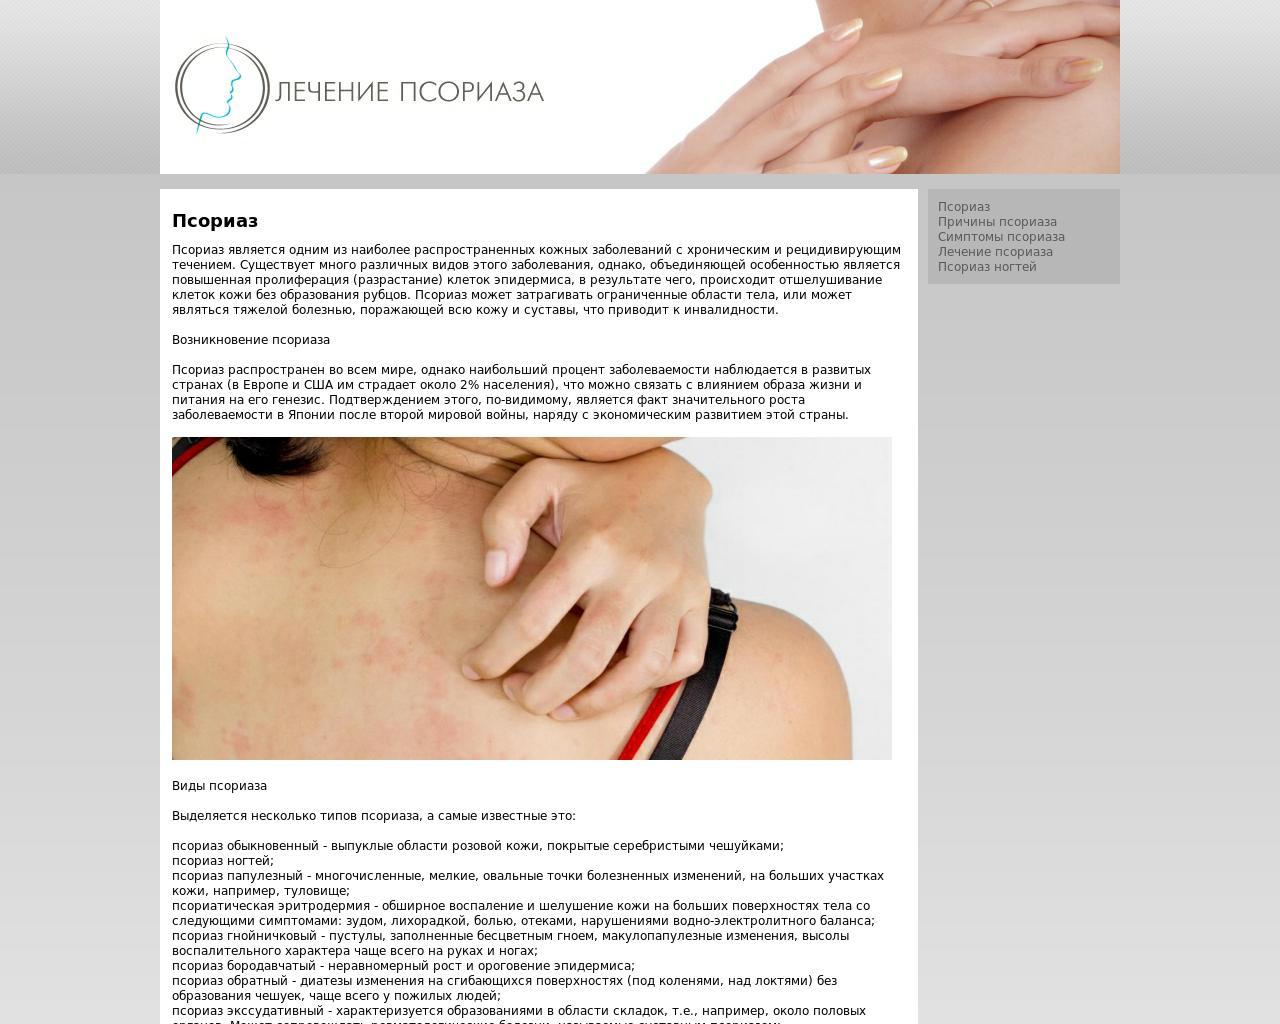 Лечение Псориаза Форум